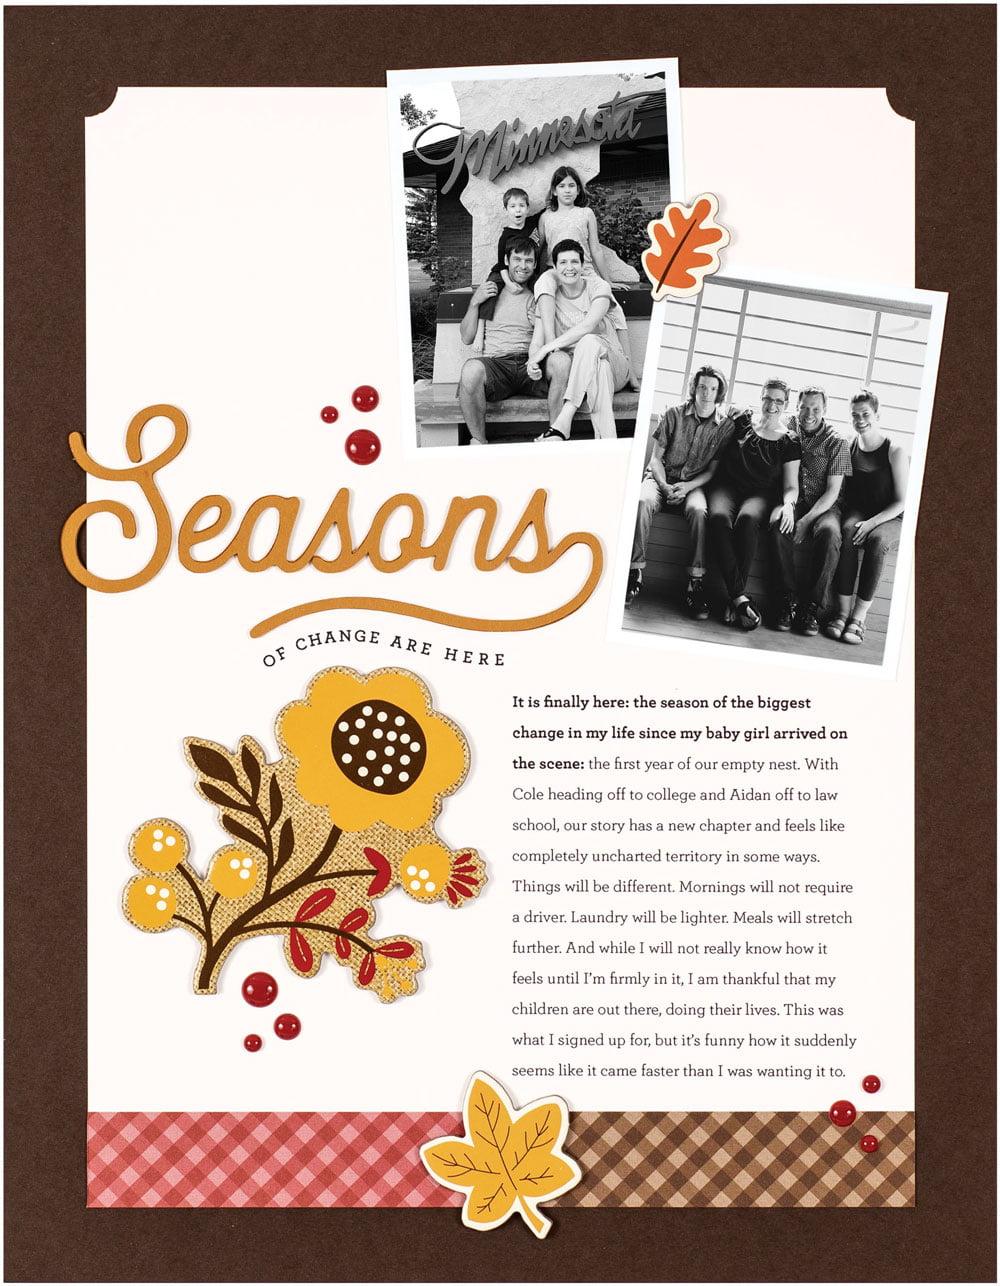 SCT Fall 2018 - Seasons by Cathy Zielske